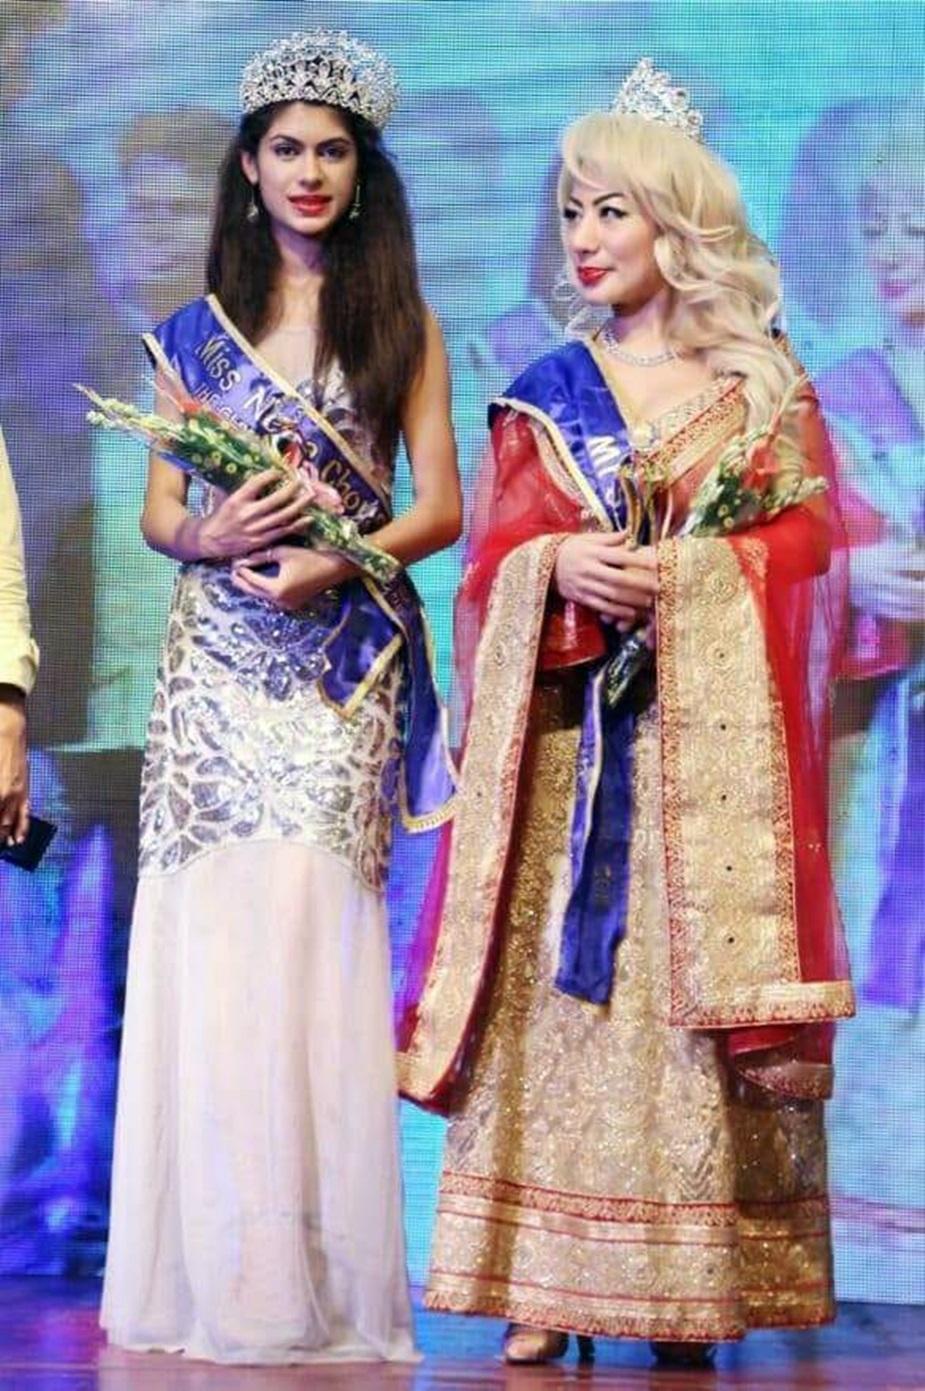 हिमाचल प्रदेश की एक और बेटी ने बॉलीवुड में दस्तक दी है. ग्रामीण परिवेश से निकली बिलासपुर की होनहार बेटी नेहा चौधरी भारत और पाकिस्तार पर आधारित बॉलीवुड मूवी में नजर आएंगी.